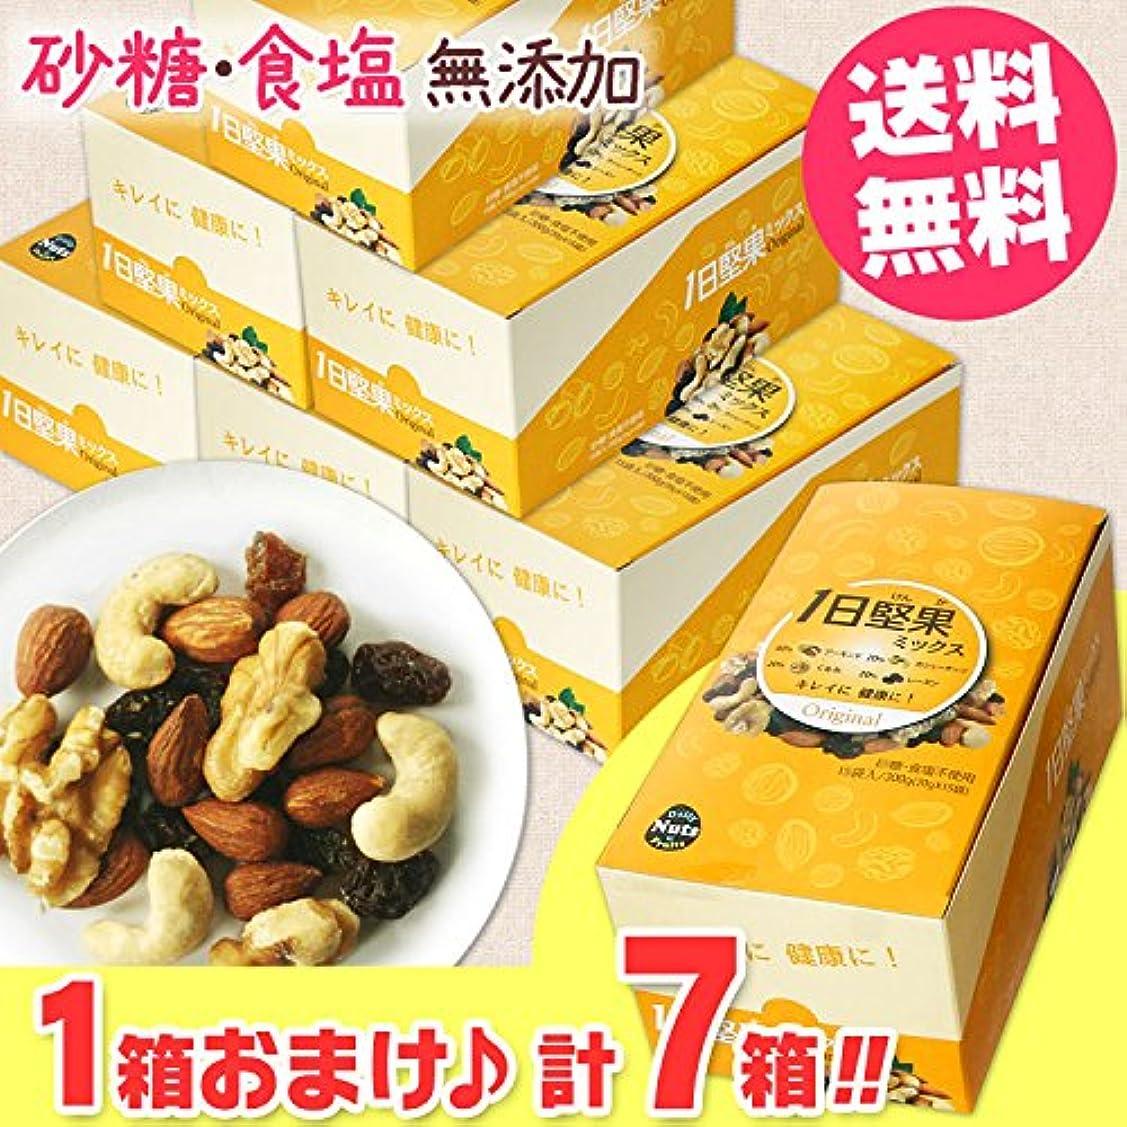 端末戸口ただやる1日堅果ミックス オリジナル [15袋]◆6箱セット+1箱増量?